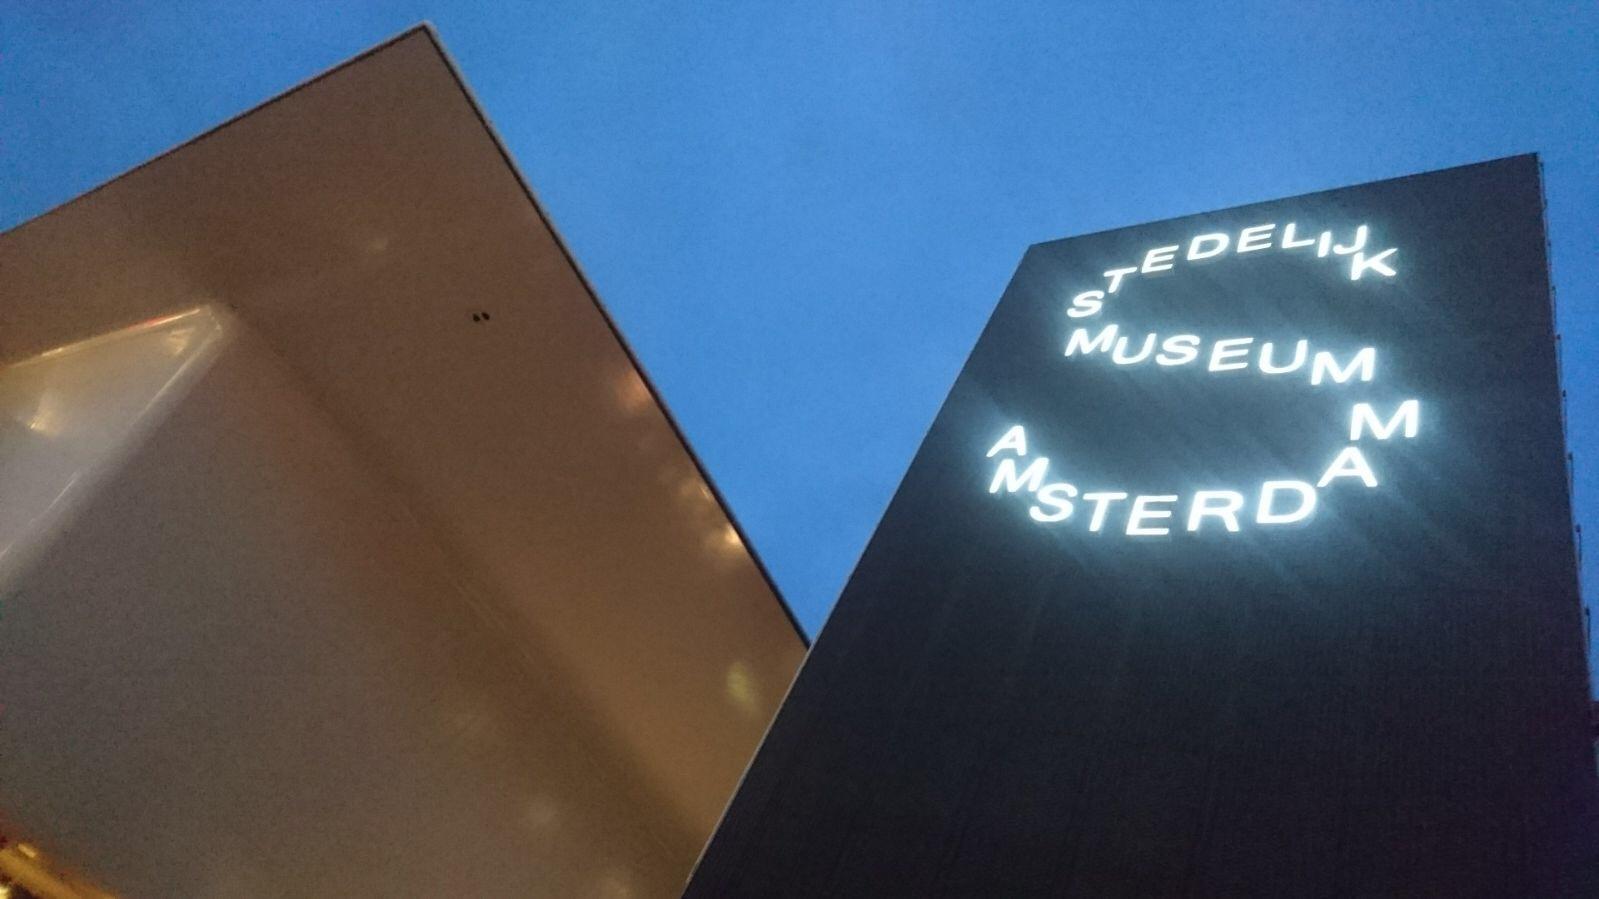 met onze  VR Game in  'T STEDELIJK MUSEUM Amsterdam